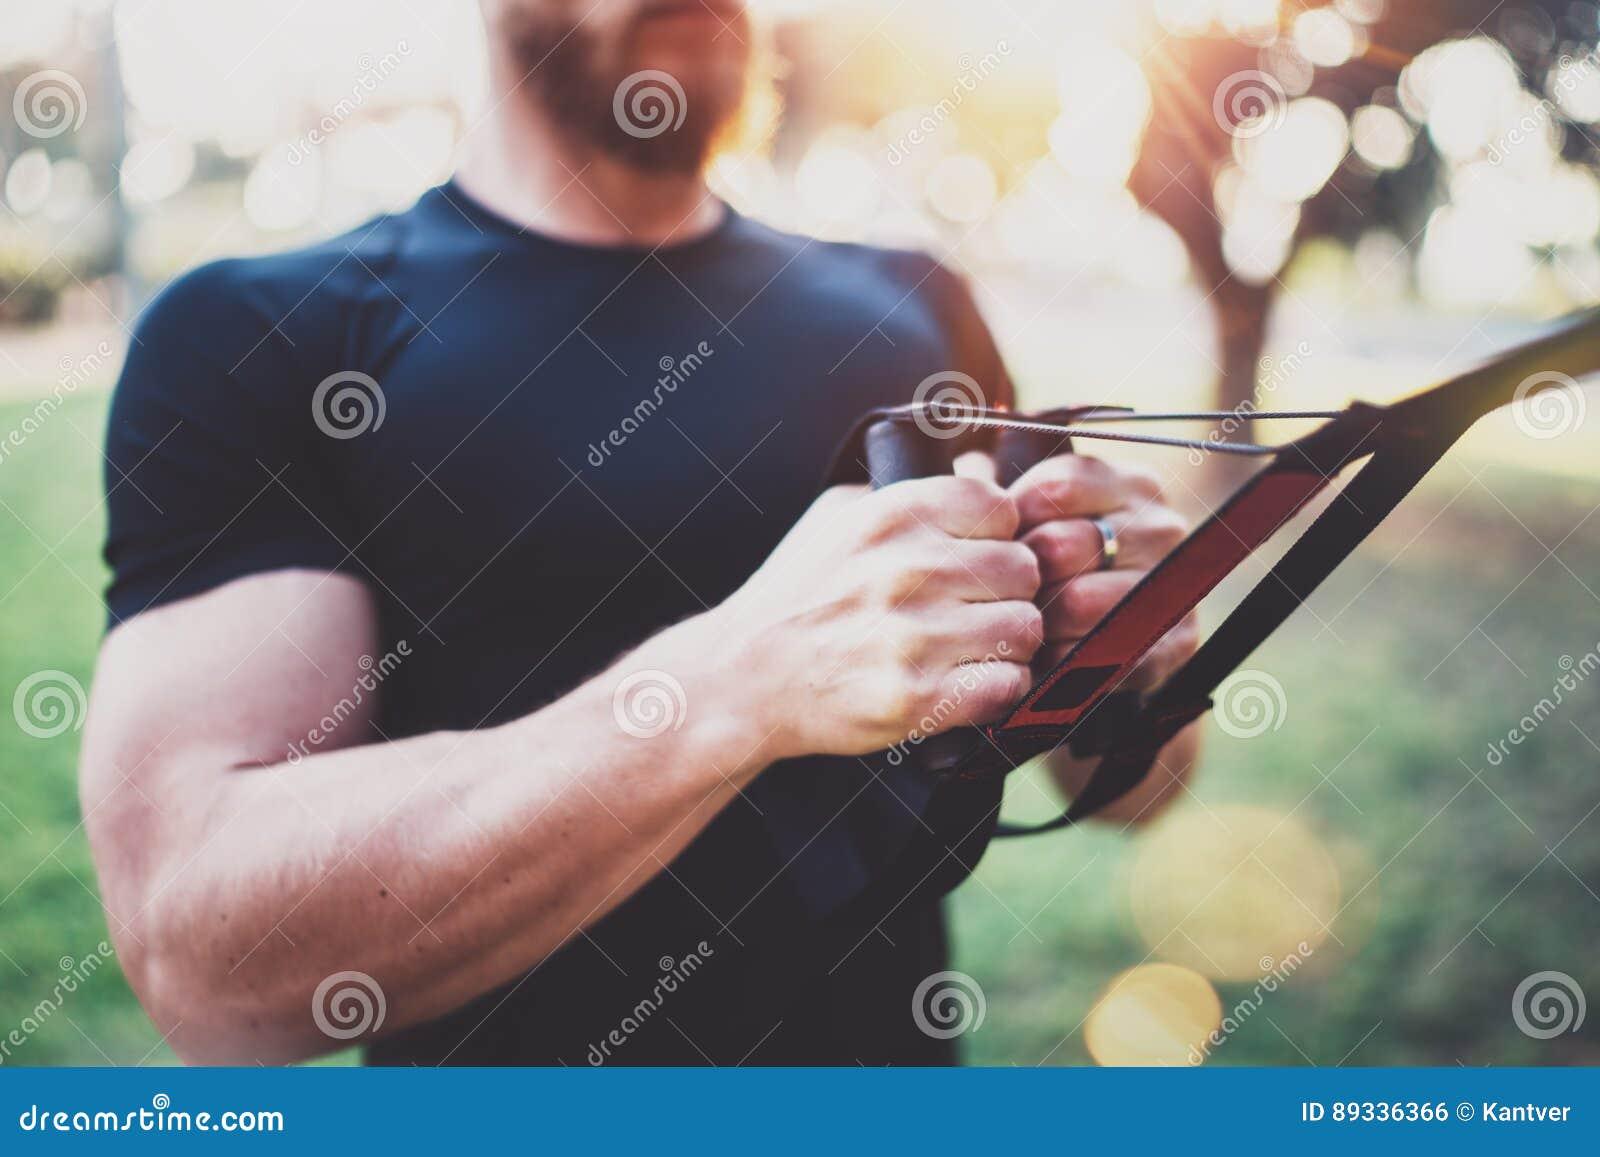 Sund livsstil för begrepp Den muskulösa idrottsman nen som övar trx, skjuter utanför i soligt parkerar upp Färdig shirtless manli